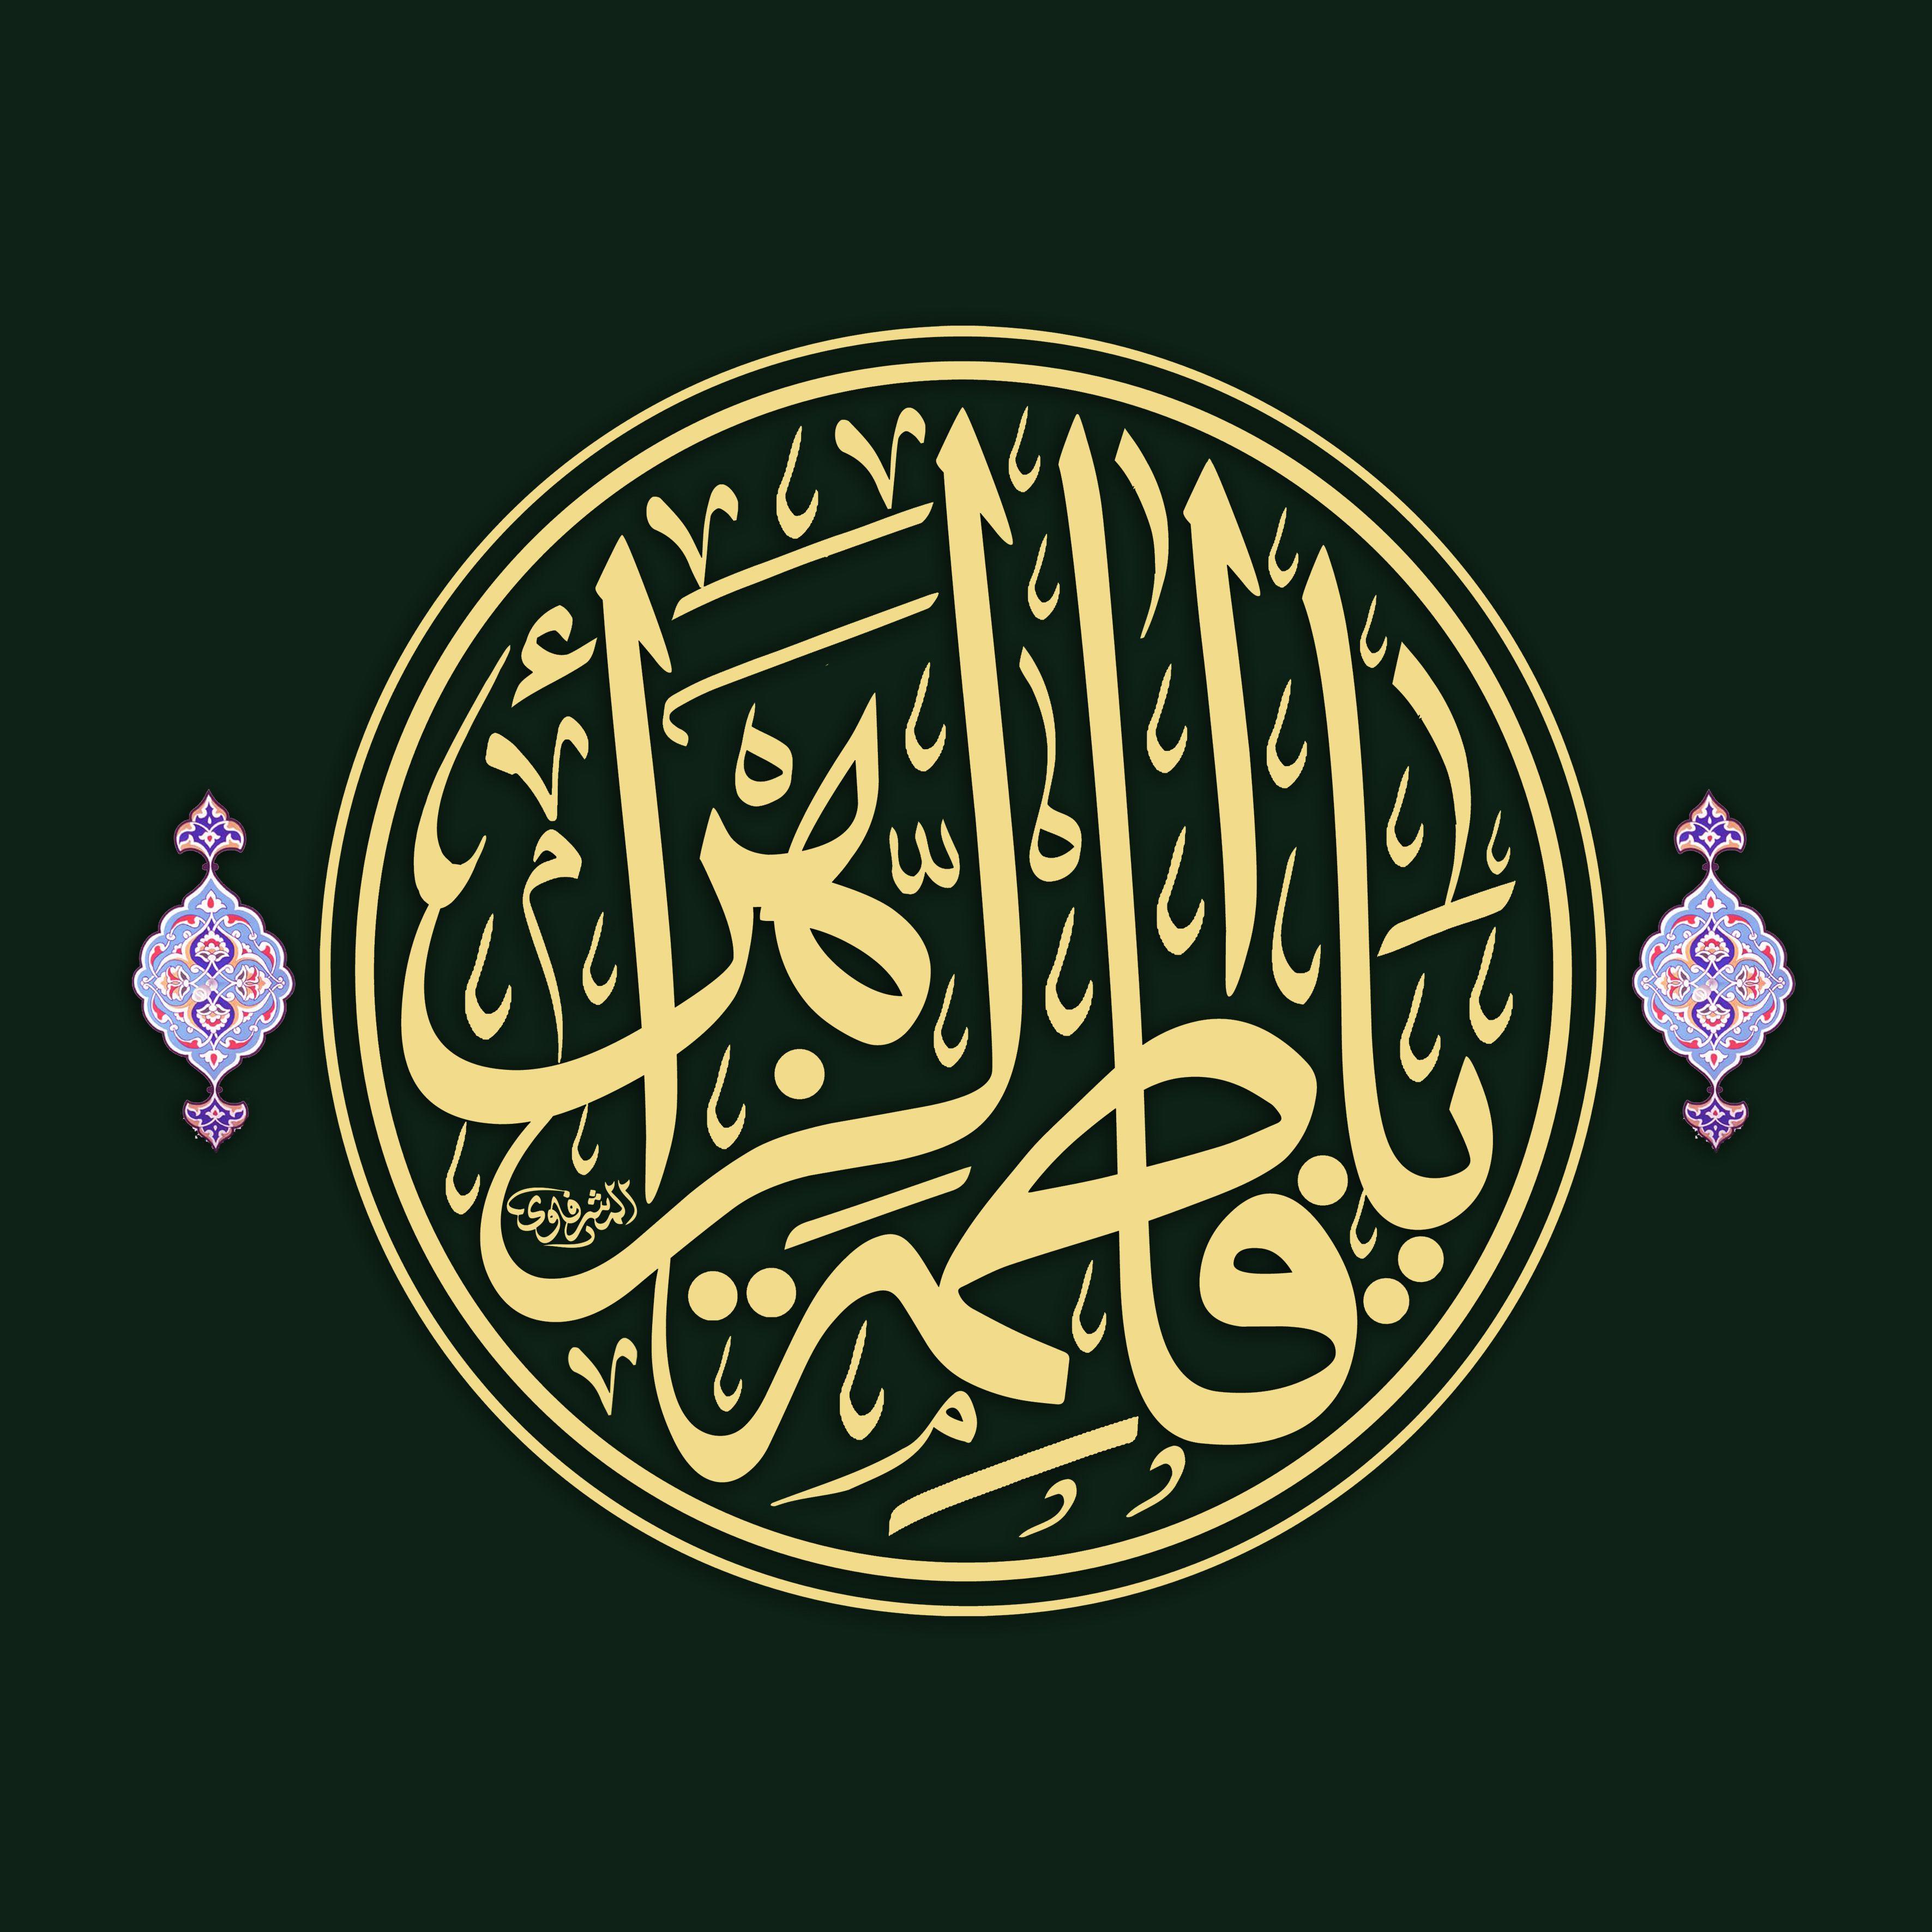 يافاطمة الزهراء السلام عليك يافاطمة الزهراء يابنت محمد ياقرة عين الرسول الايام الفاطمية عظم الله اجور Islamic Calligraphy Islamic Art Calligraphy Islamic Art